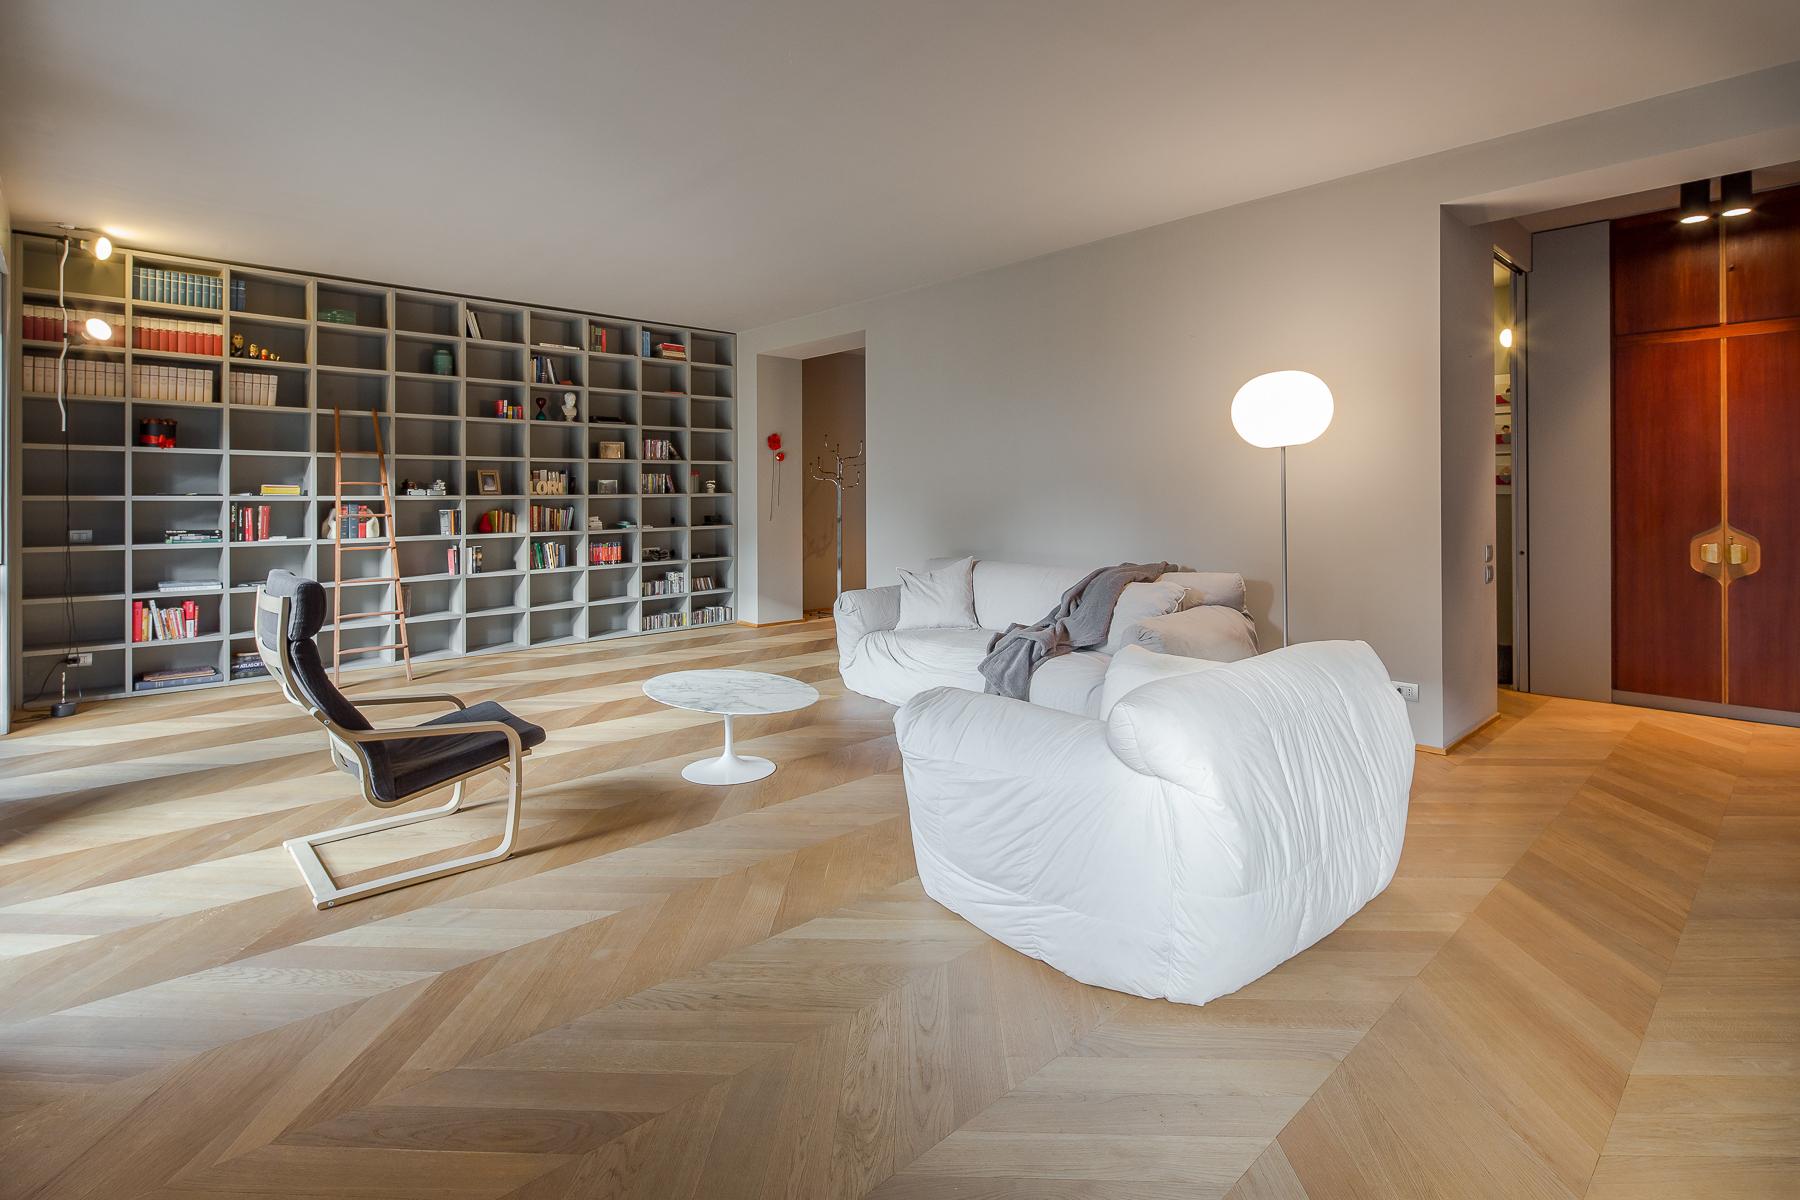 Appartamento in Vendita a Milano 03 Venezia / Piave / Buenos Aires: 5 locali, 215 mq